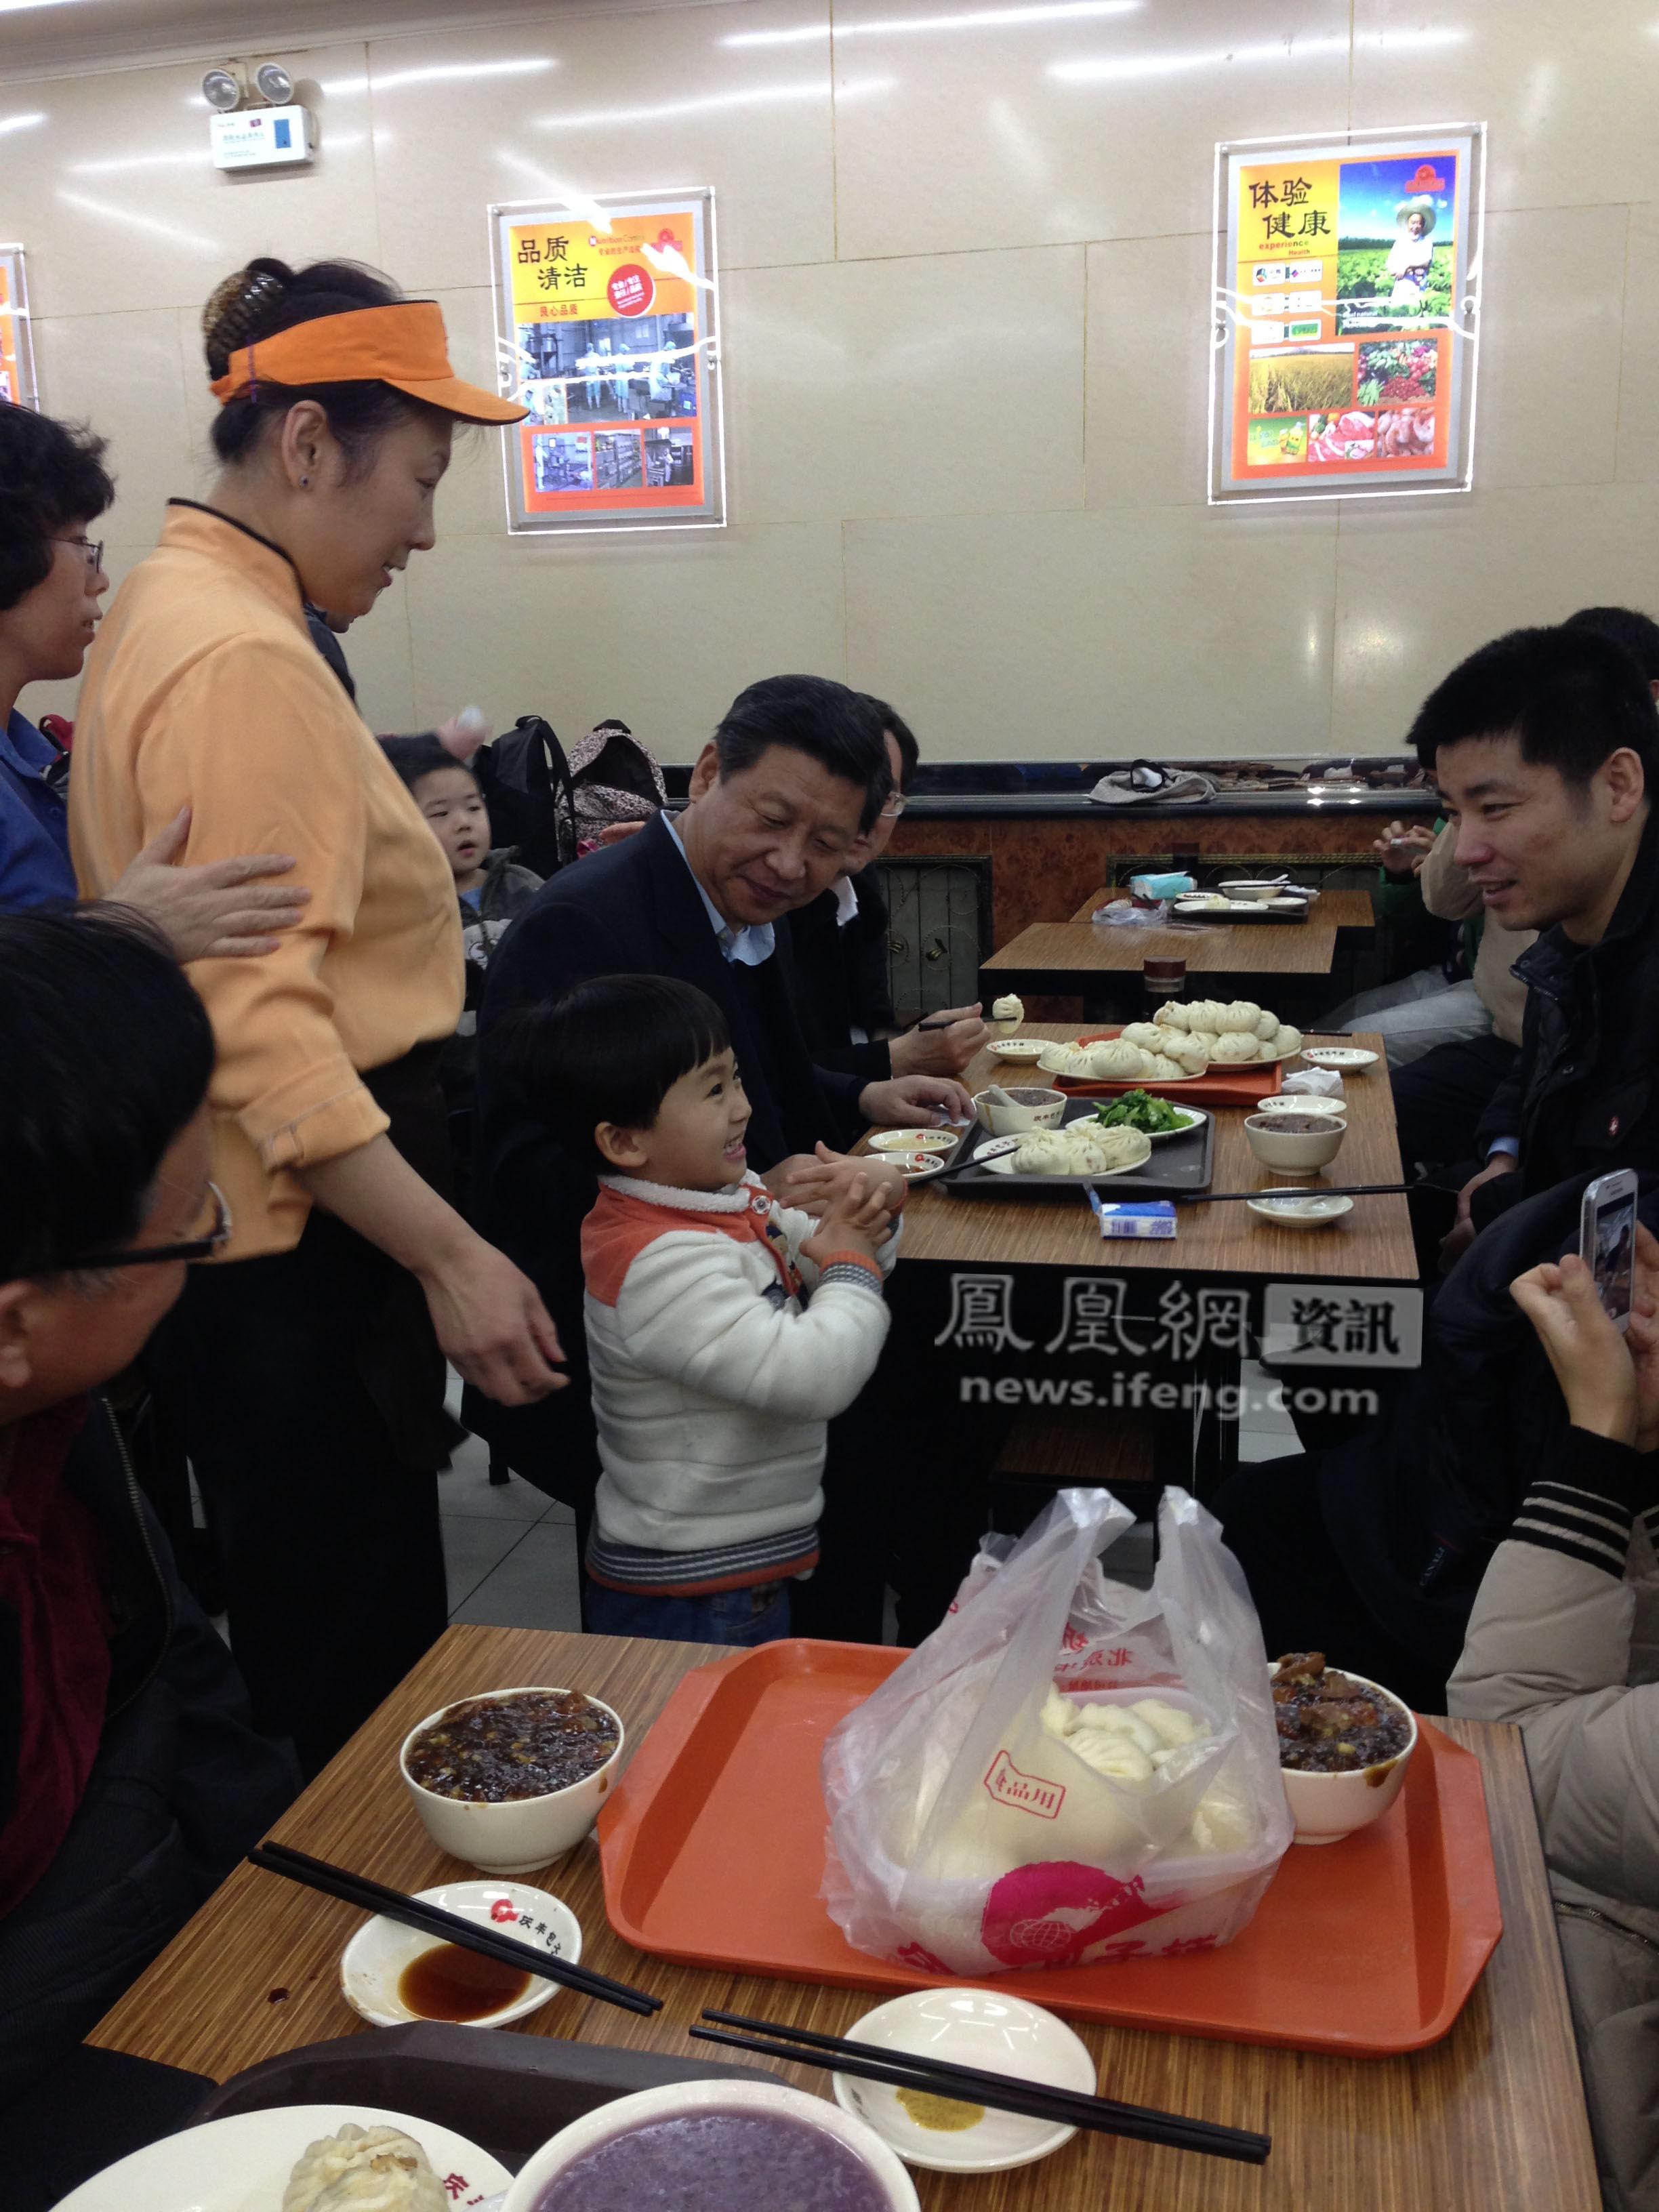 """就餐的小男孩为习近平唱了一首《新年好》,习近平笑着问小男孩""""几岁了""""(刘鹏宇先生独家供图)。"""